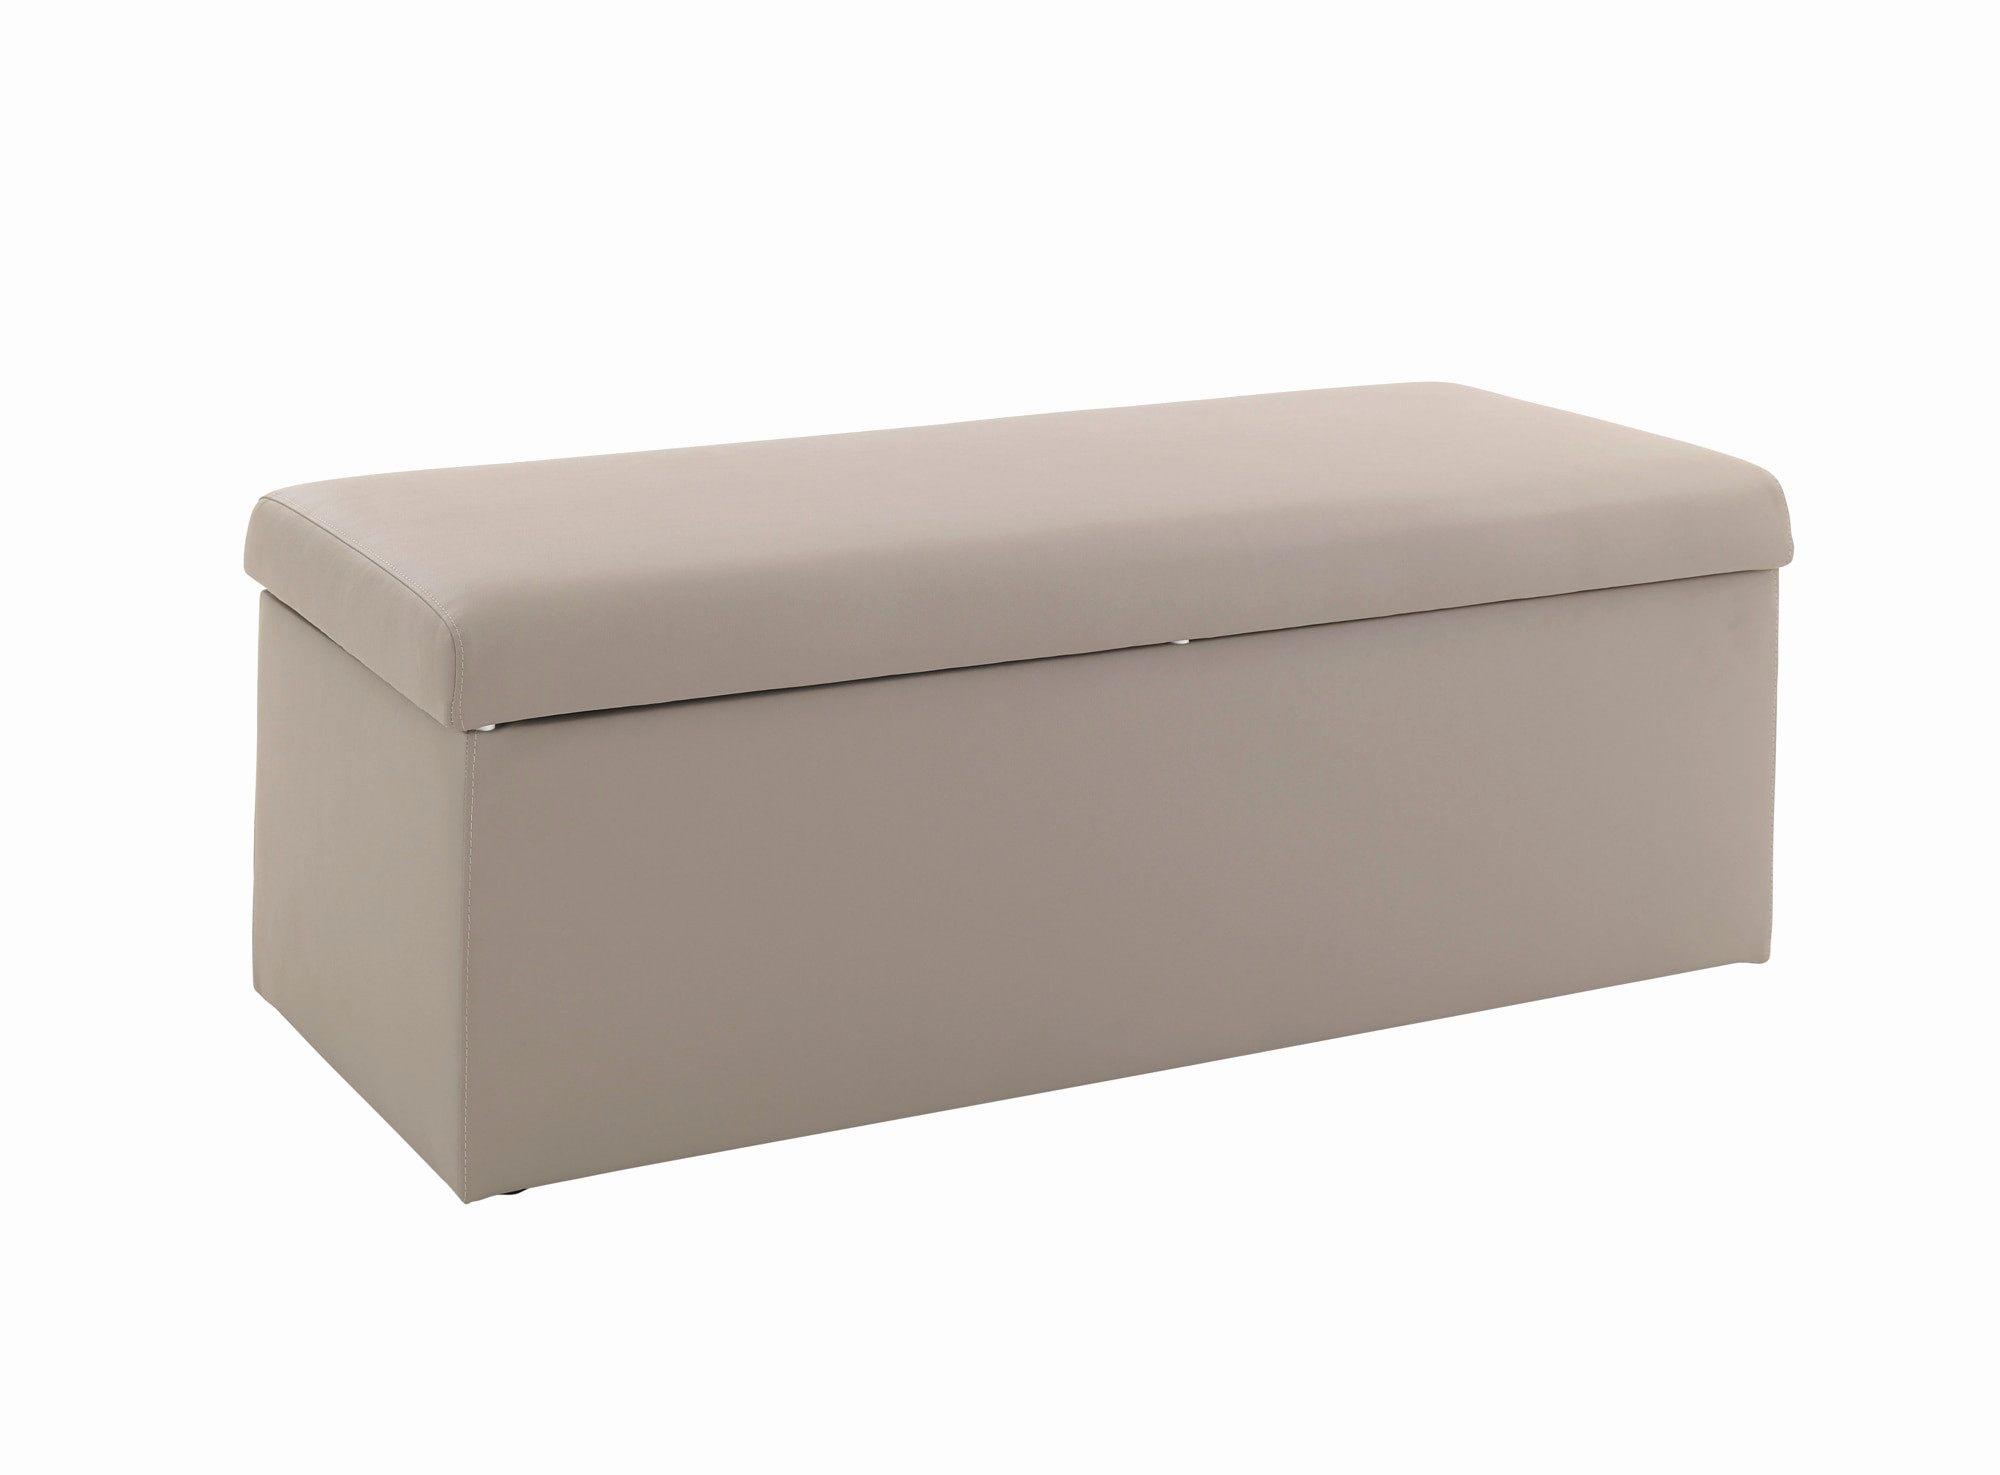 Lit Coffre Ikea Douce Banc Bout De Lit Coffre Luxe Ikea Rangement Lit Luxe S Banc Coffre